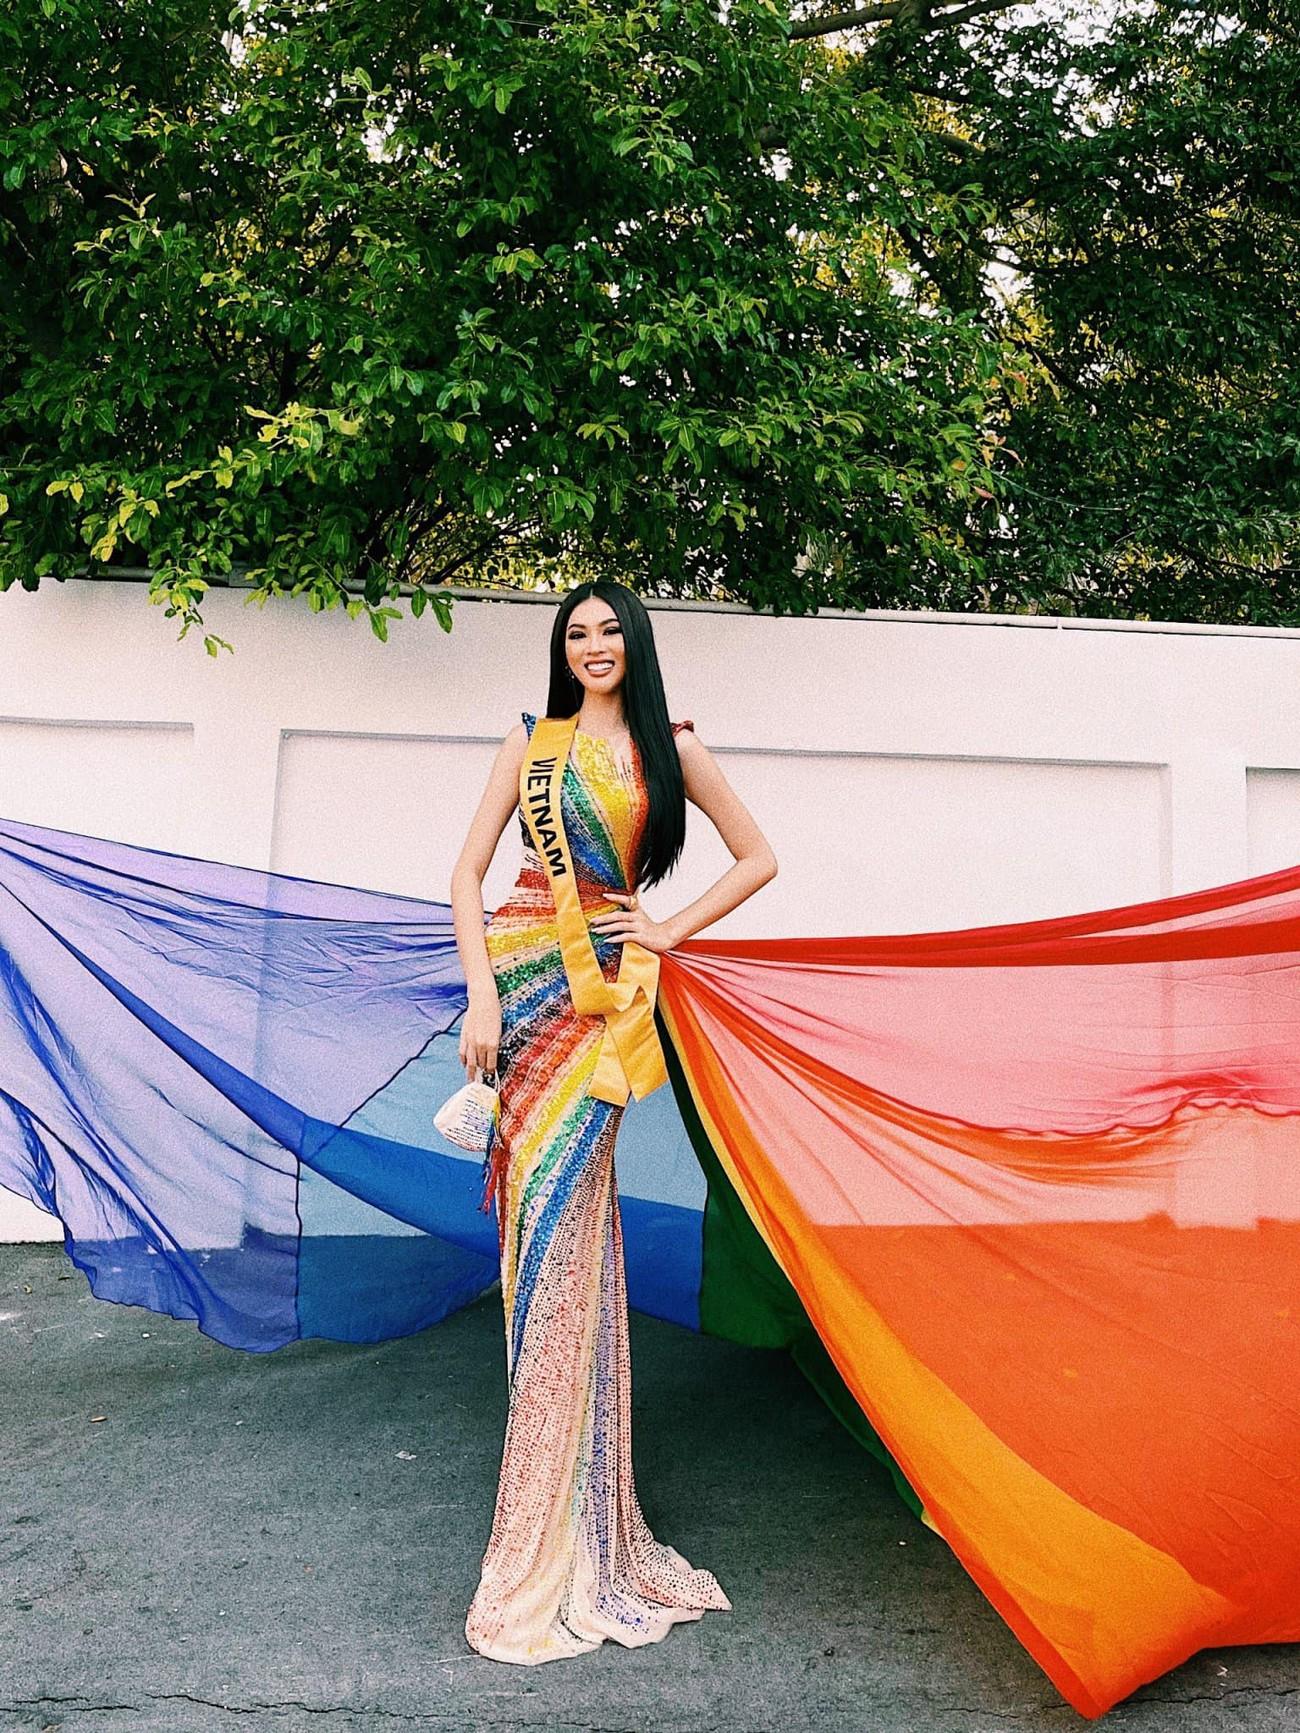 Mang váy lục sắc đi 'chinh chiến' quốc tế, Ngọc Thảo chiếm trọn spotlight ảnh 2